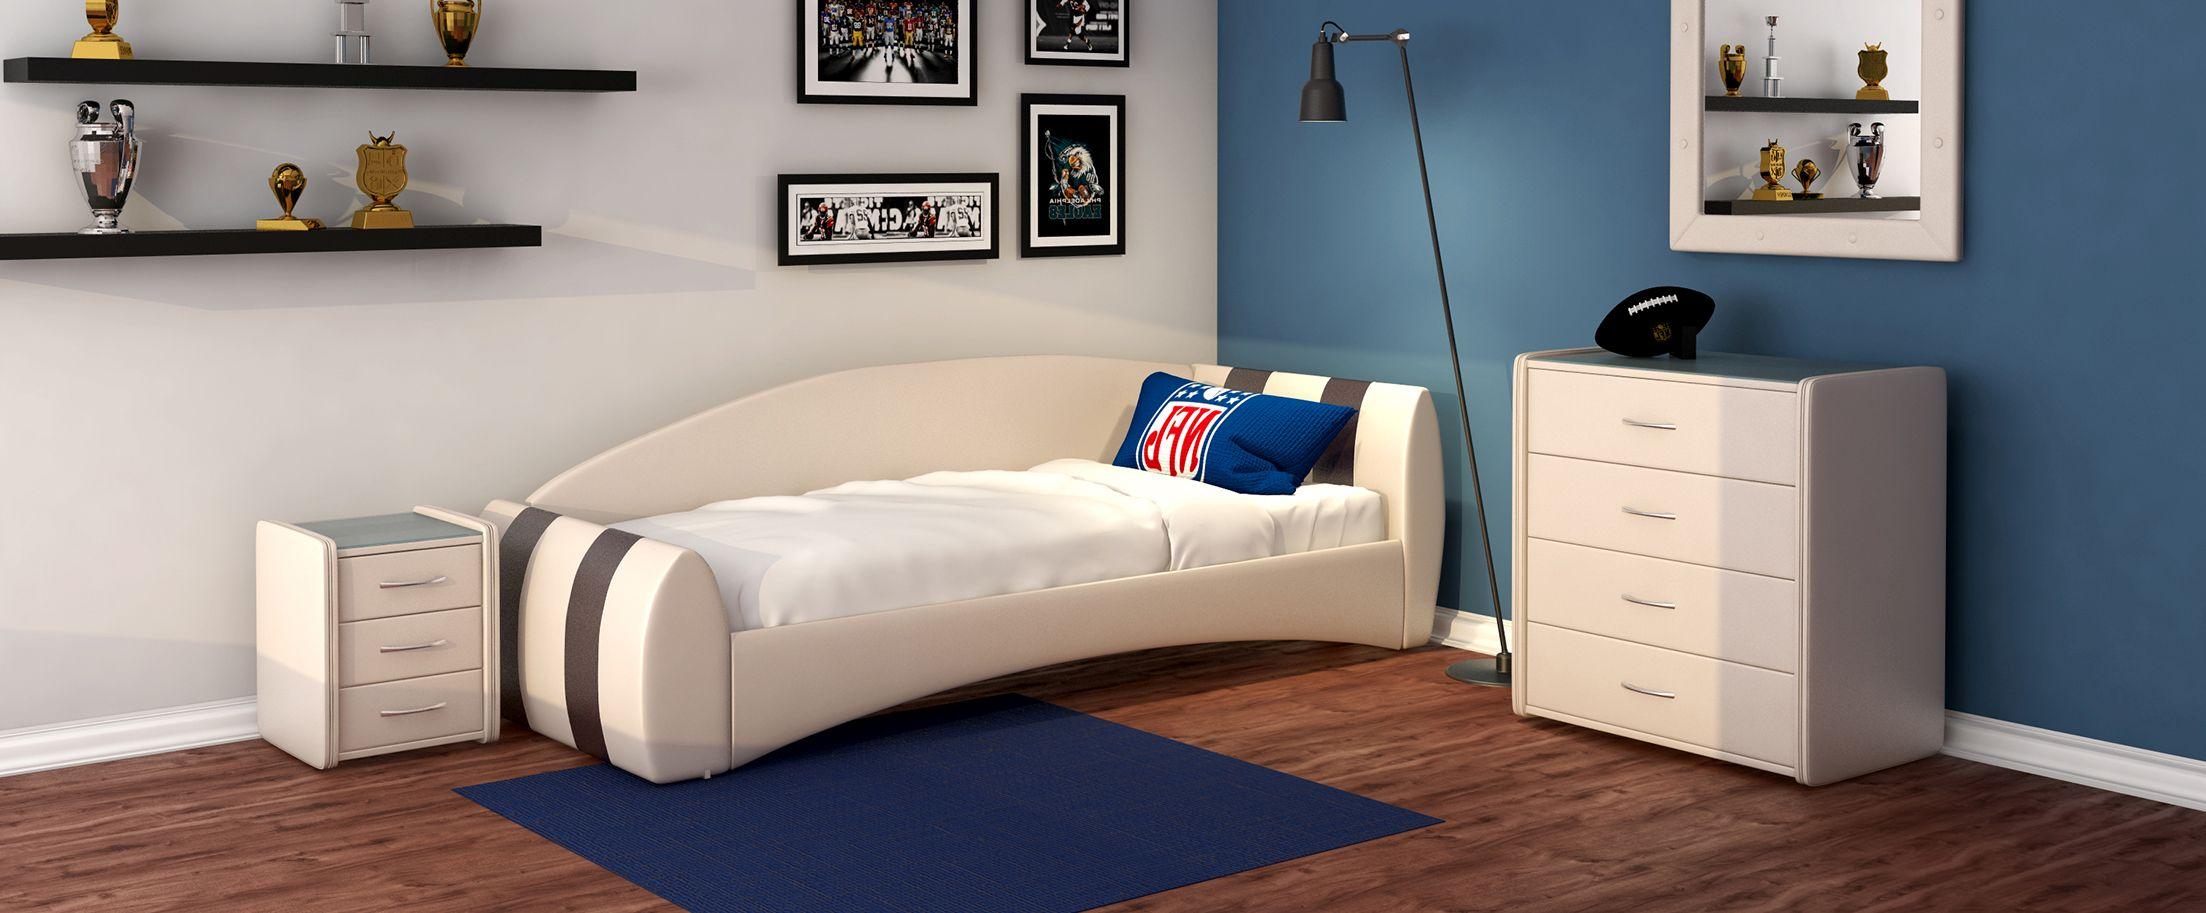 Кровать односпальная Кальвет (правая) Модель 386 от MOON TRADE